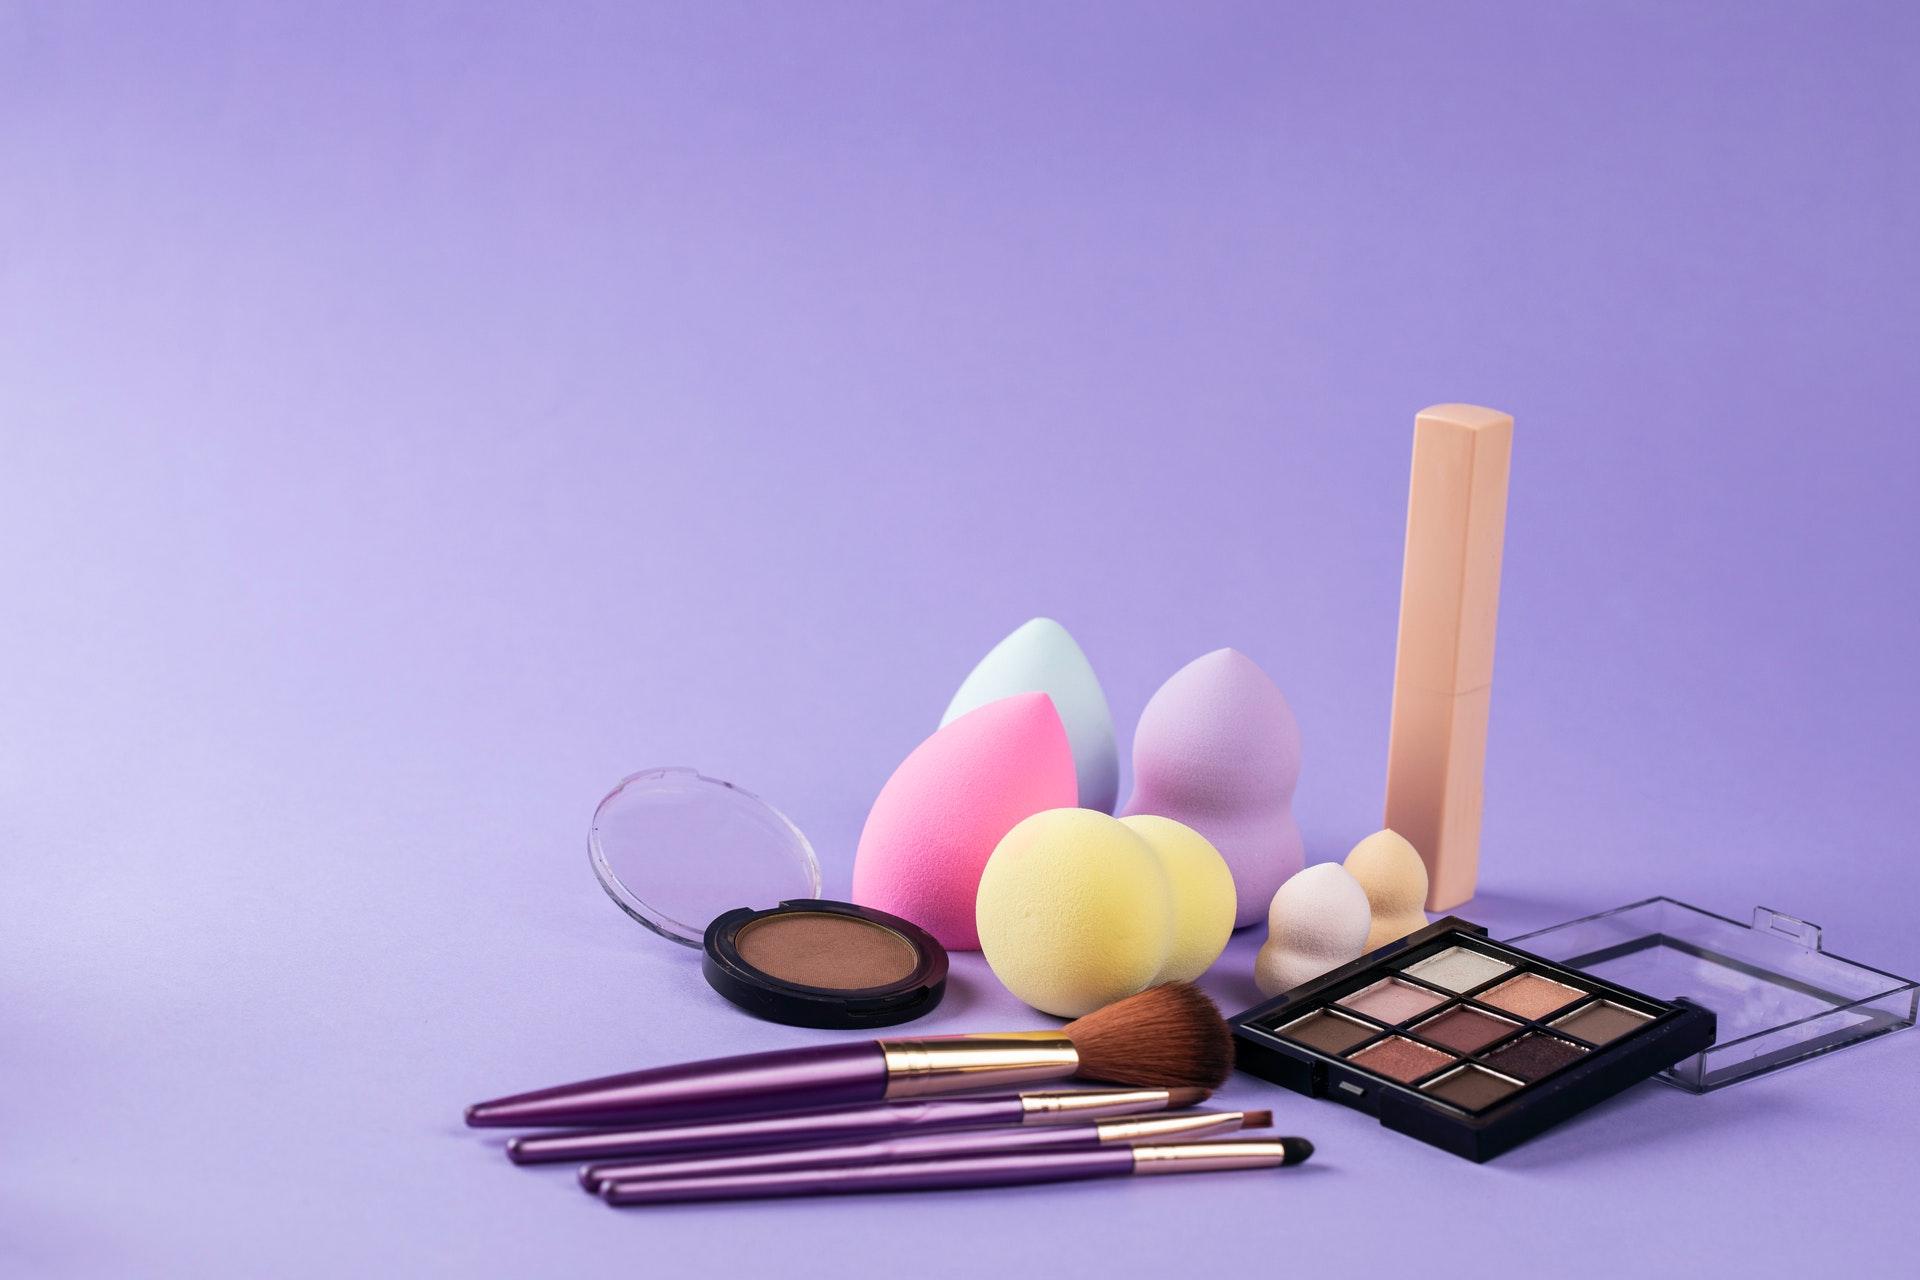 Vemos vários acessórios e maquiagem (imagem ilustrativa).